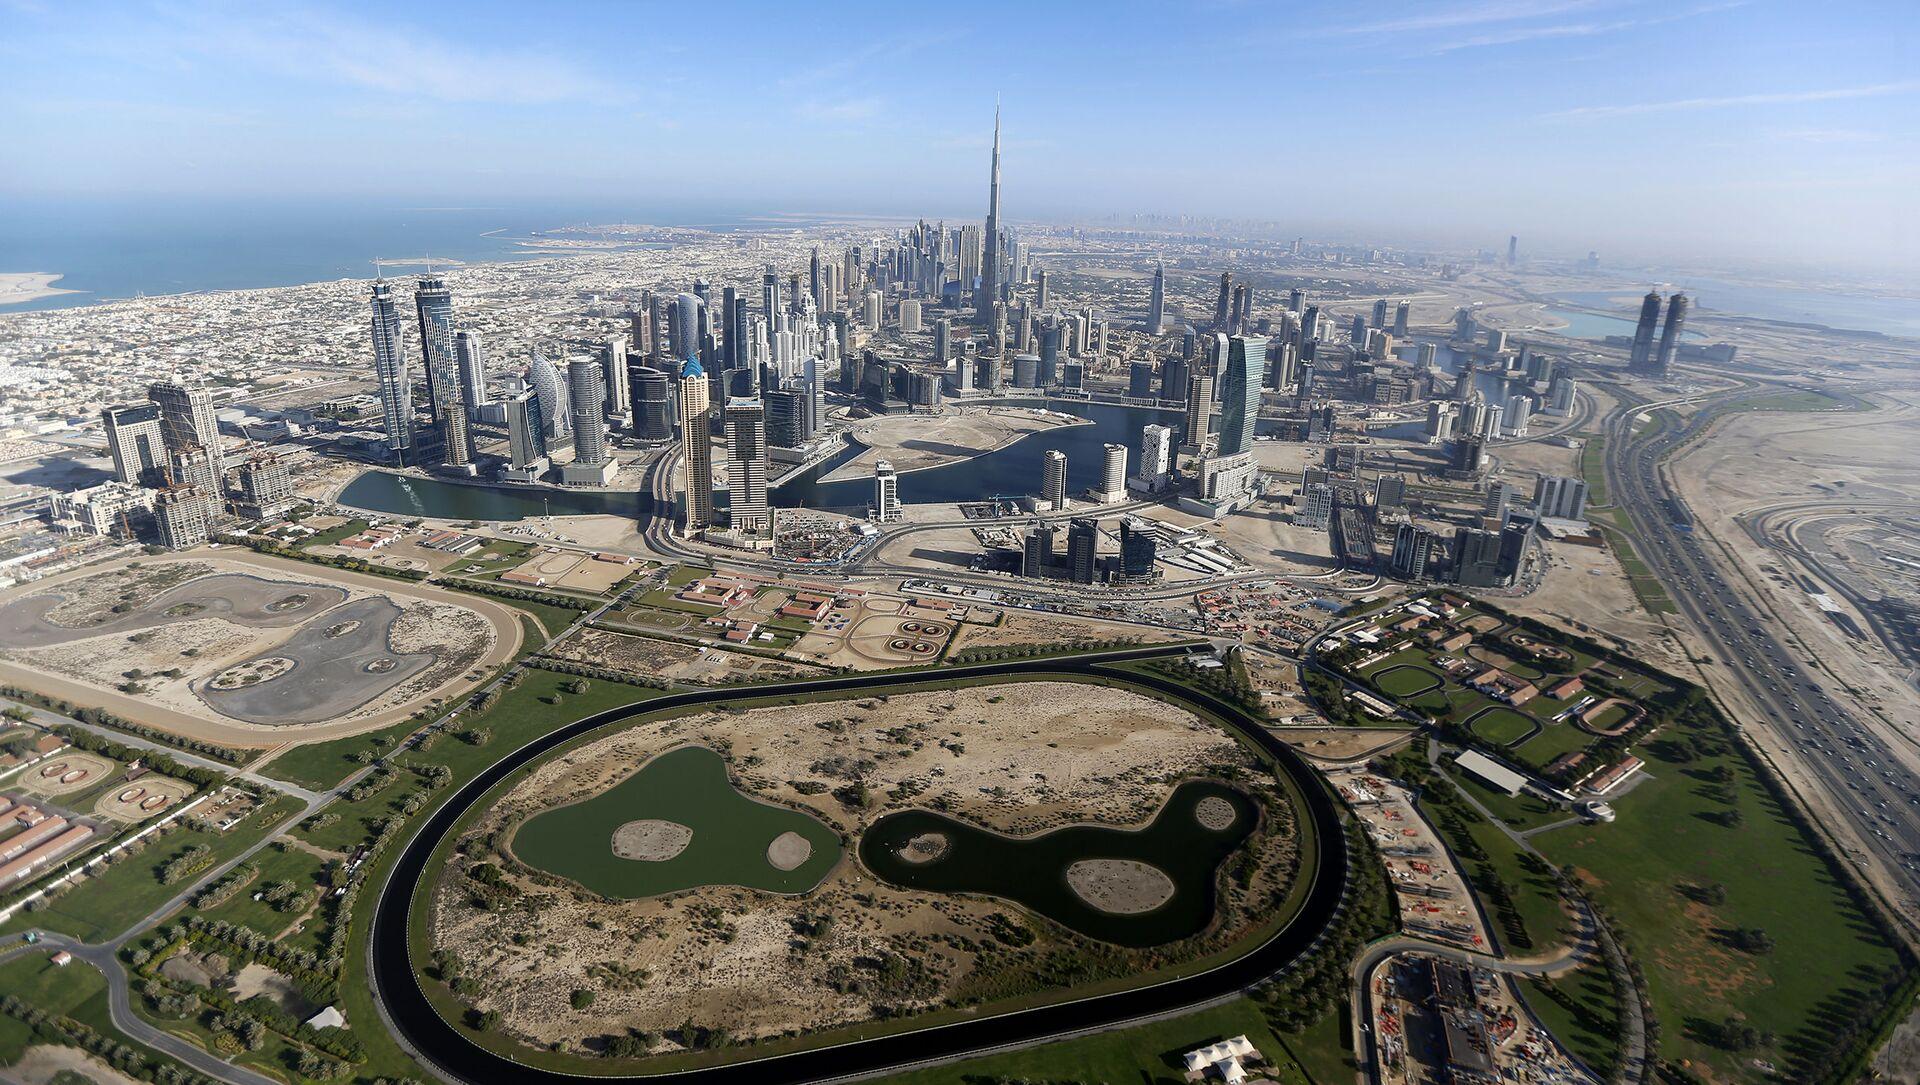 Вид на самую высокую башню в мире Бурдж-Халифа в Дубае, ОАЭ - Sputnik Italia, 1920, 05.04.2021